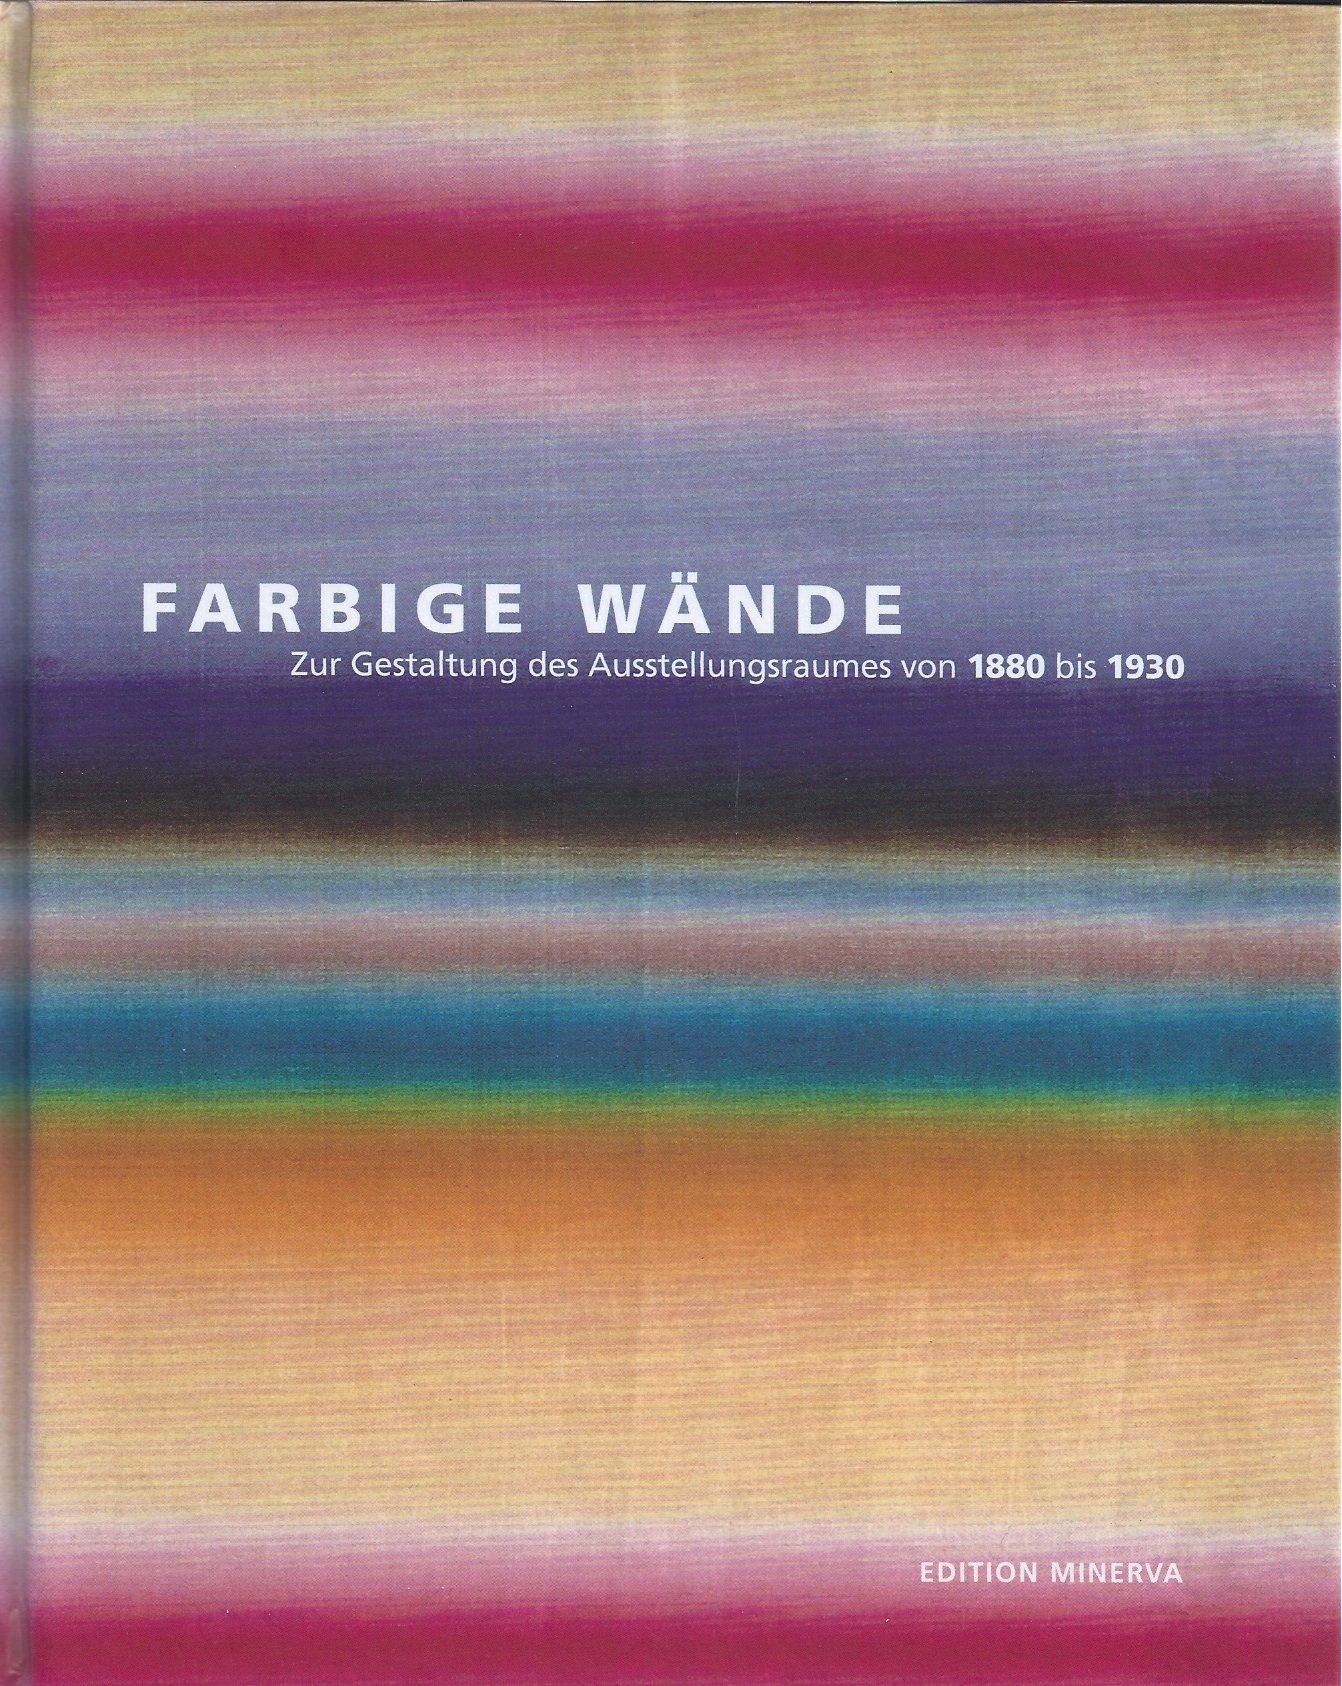 Farbige Wände. Zur Gestaltung des Ausstellungsraumes von 1880-1930